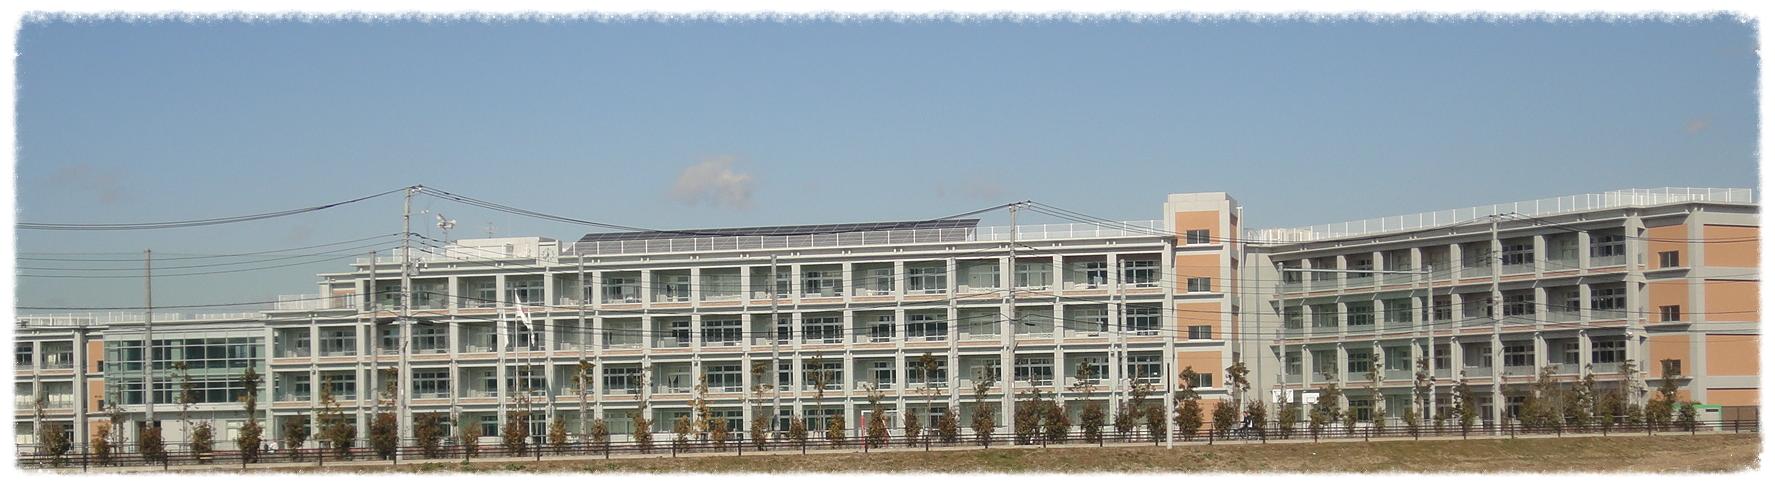 建物裏側から見た美園小学校